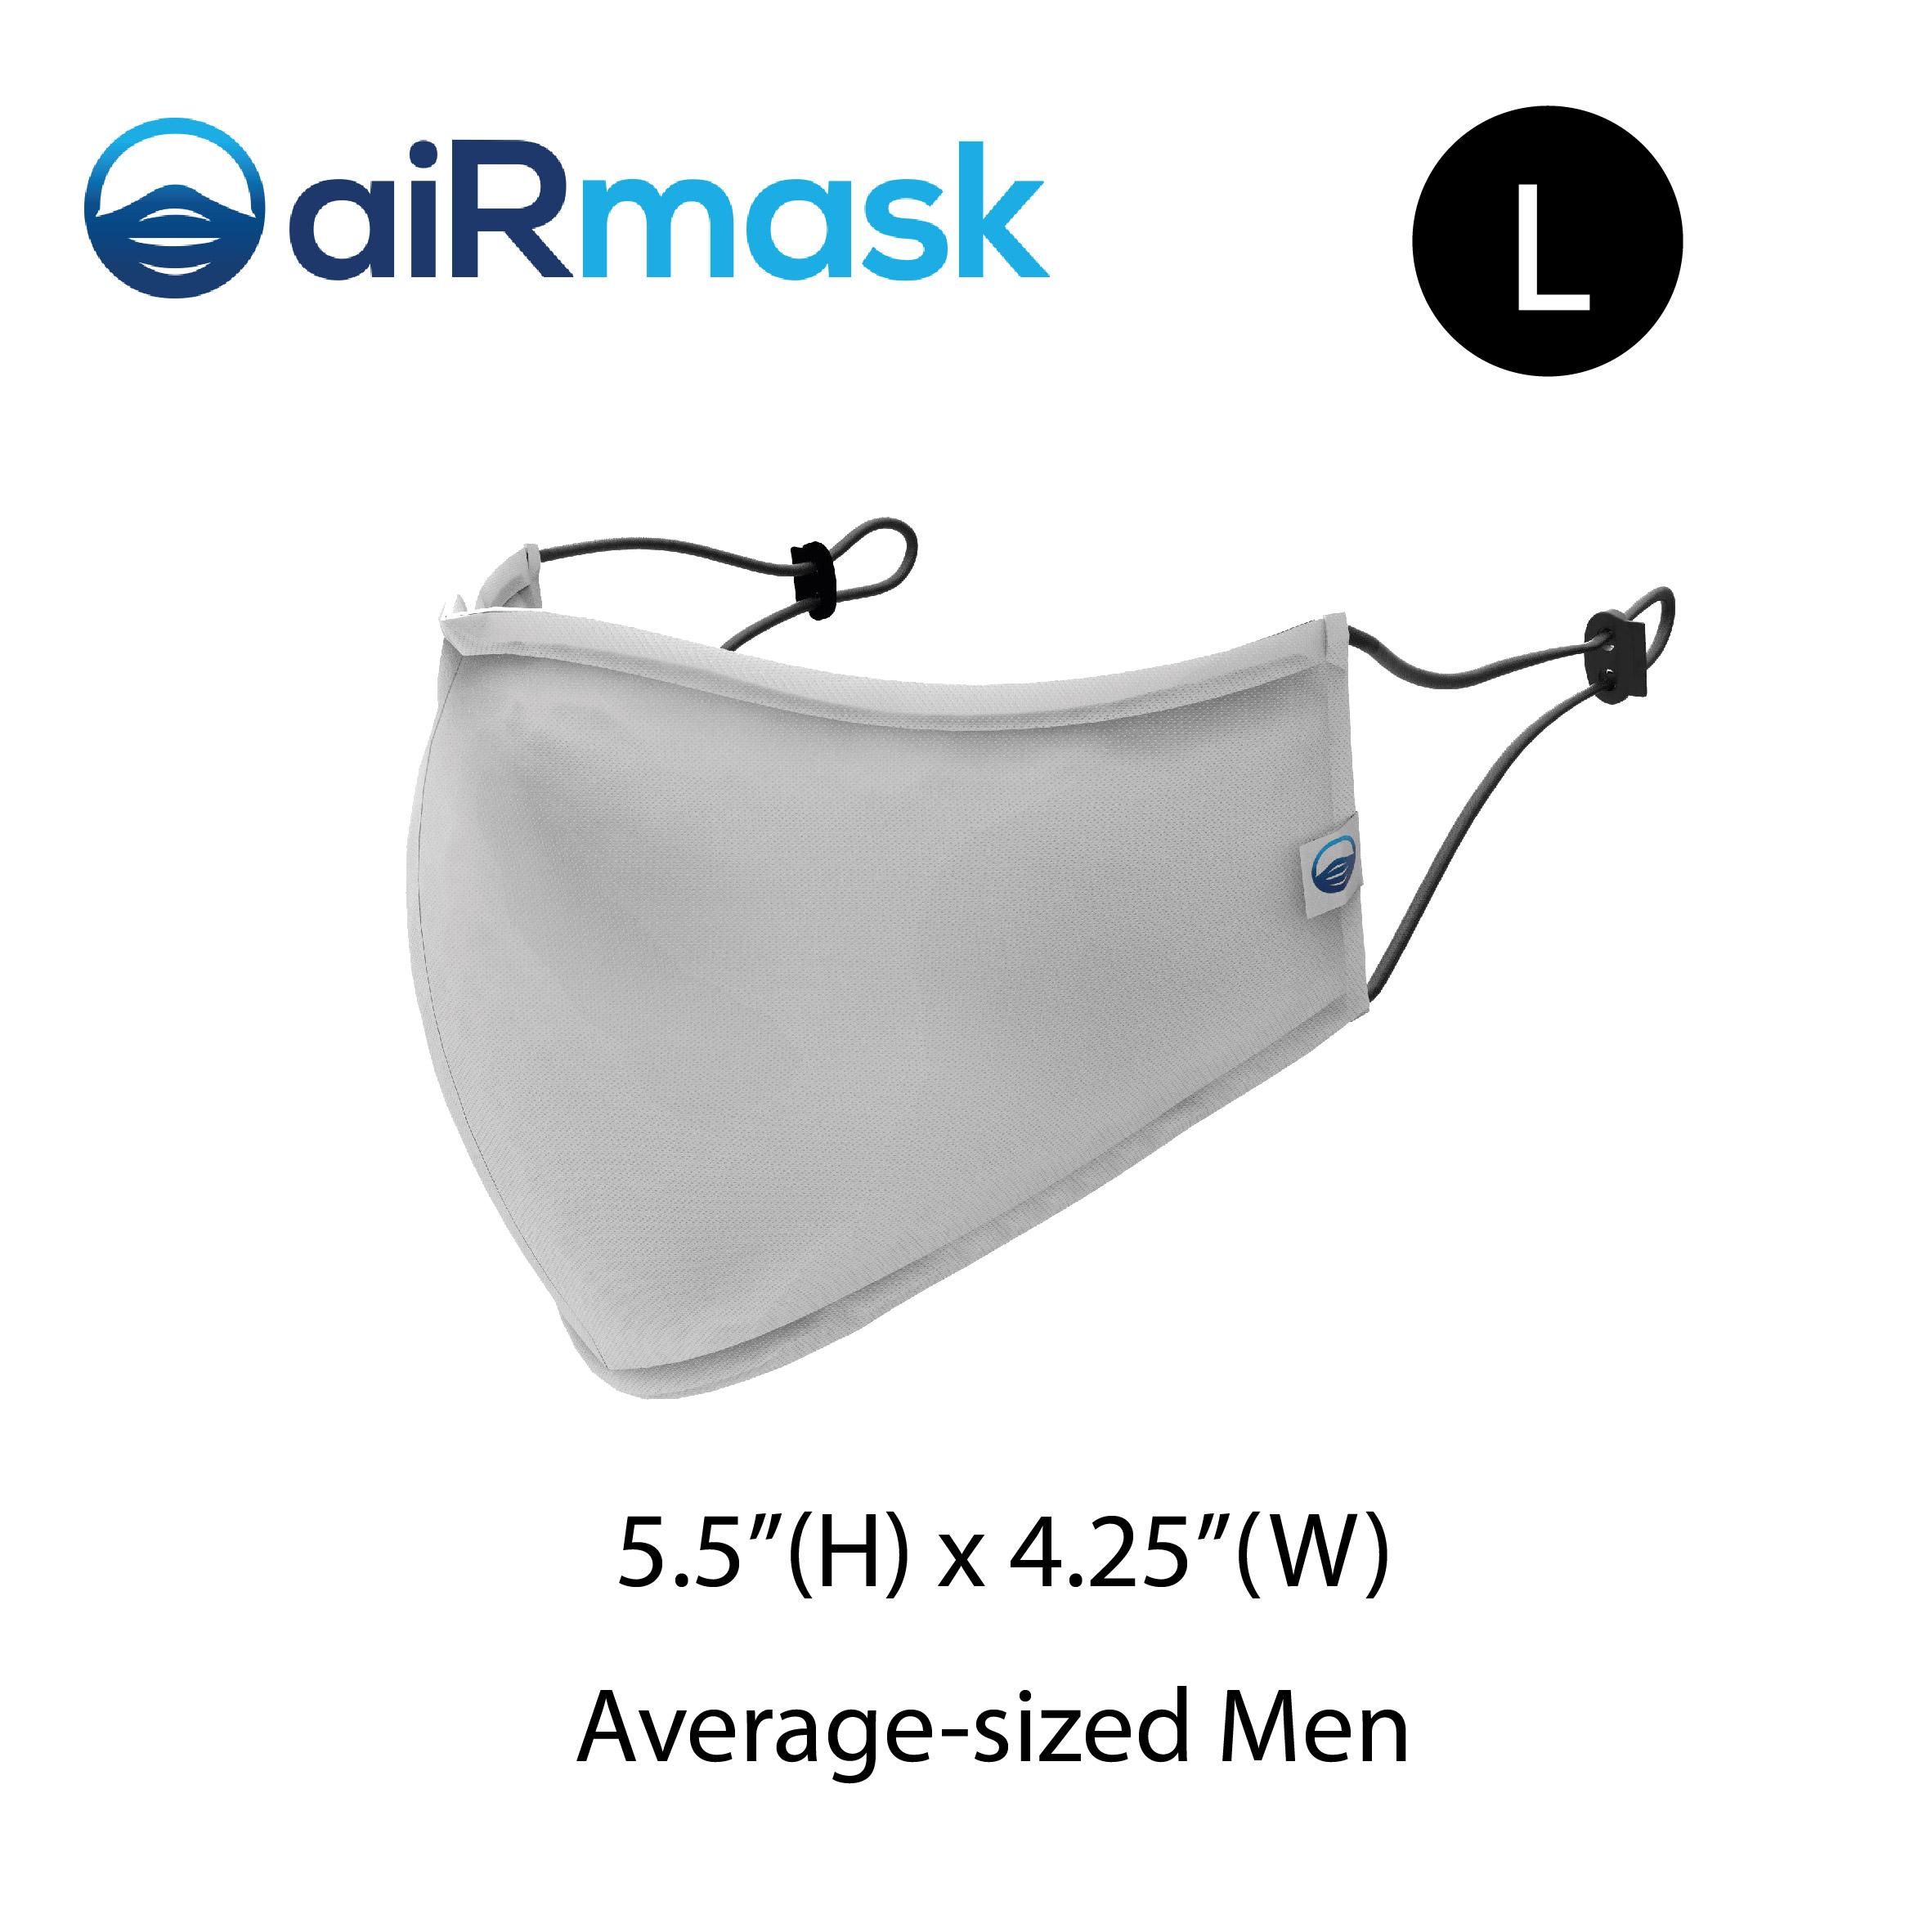 aiRmask Nanotech Cotton Mask White (L)